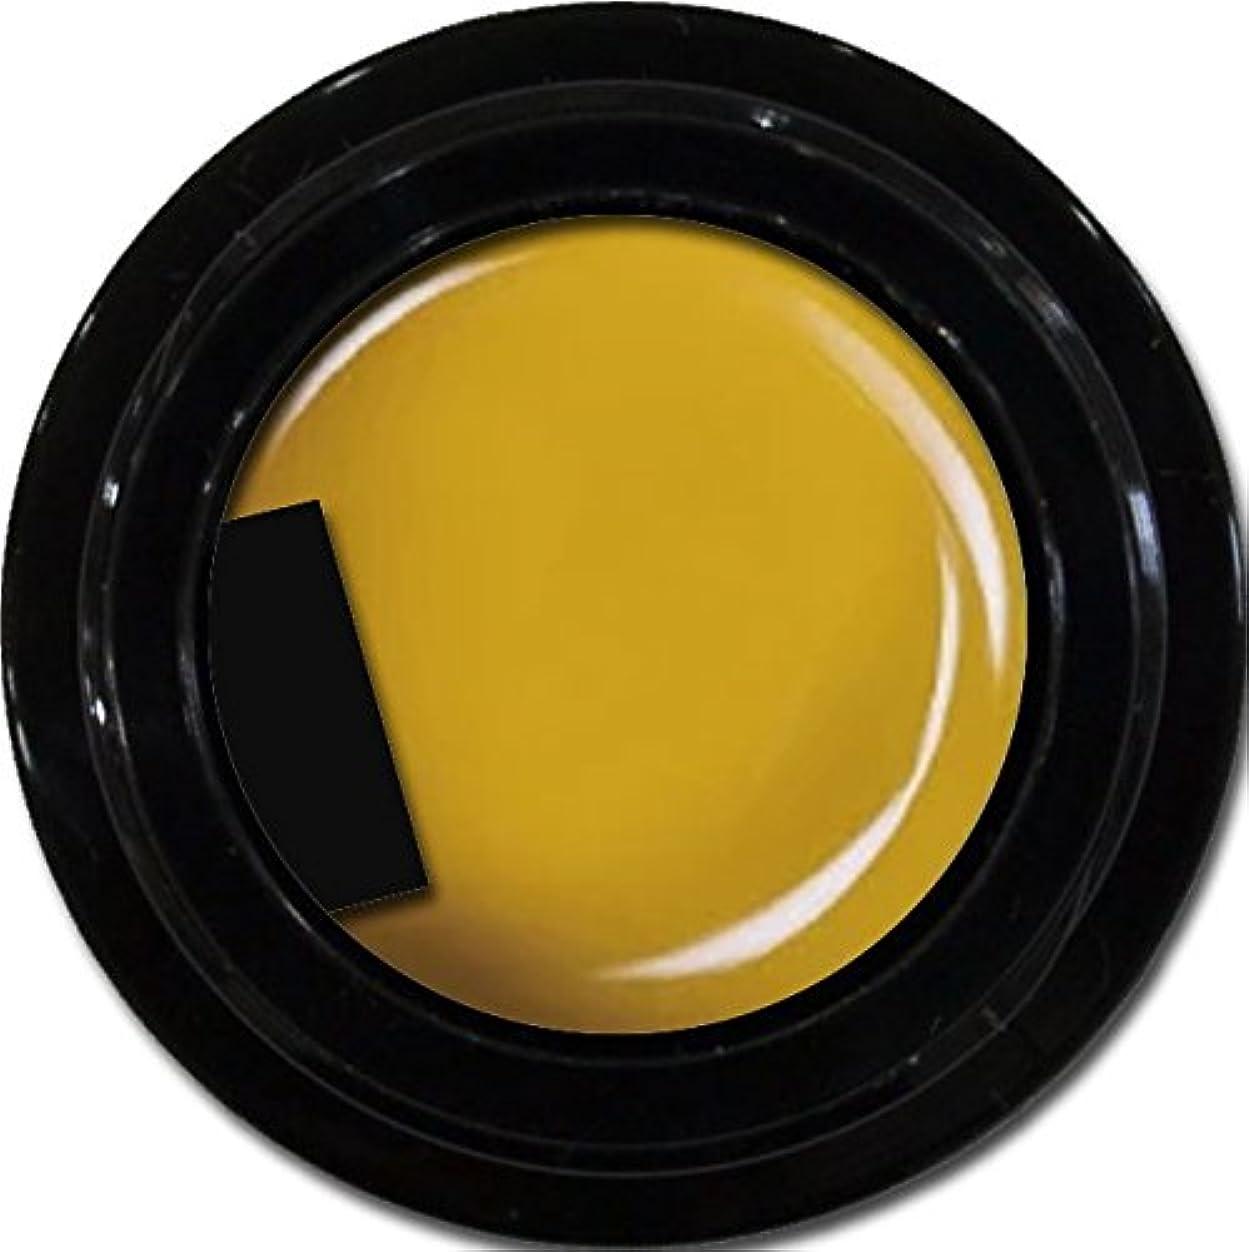 ロゴ強制的剛性カラージェル enchant color gel M605 Cameron3g/ マットカラージェル M605キャメロン 3グラム